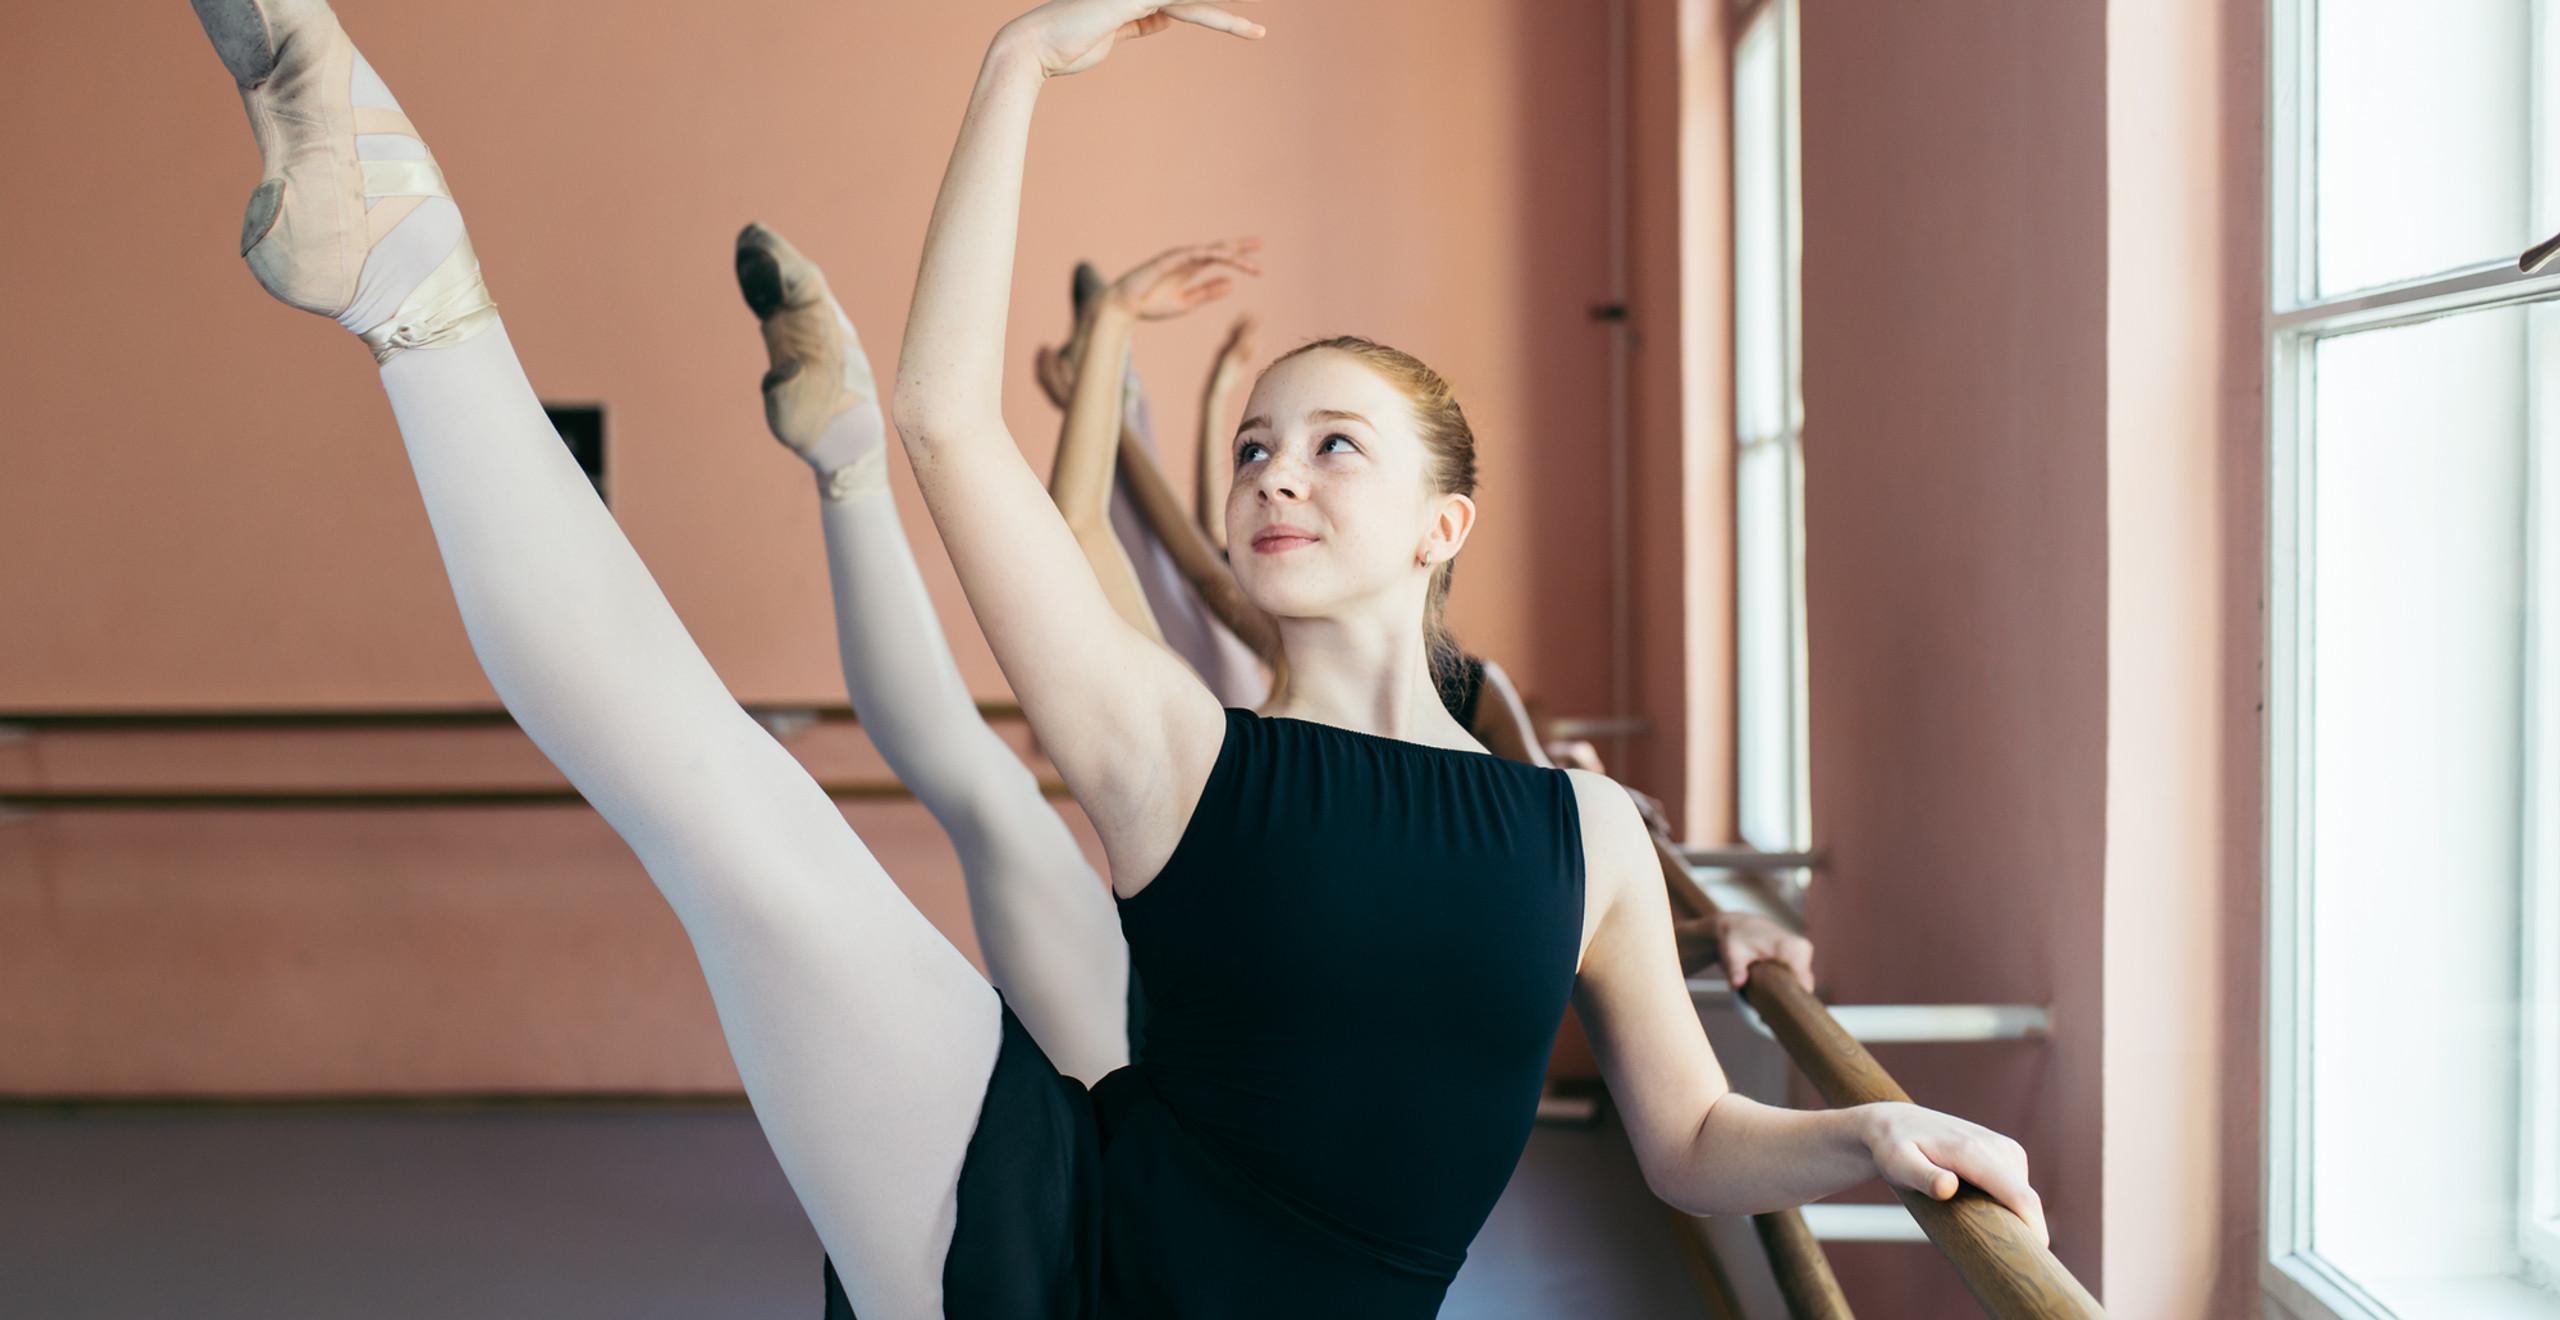 Ballet dancer mobility